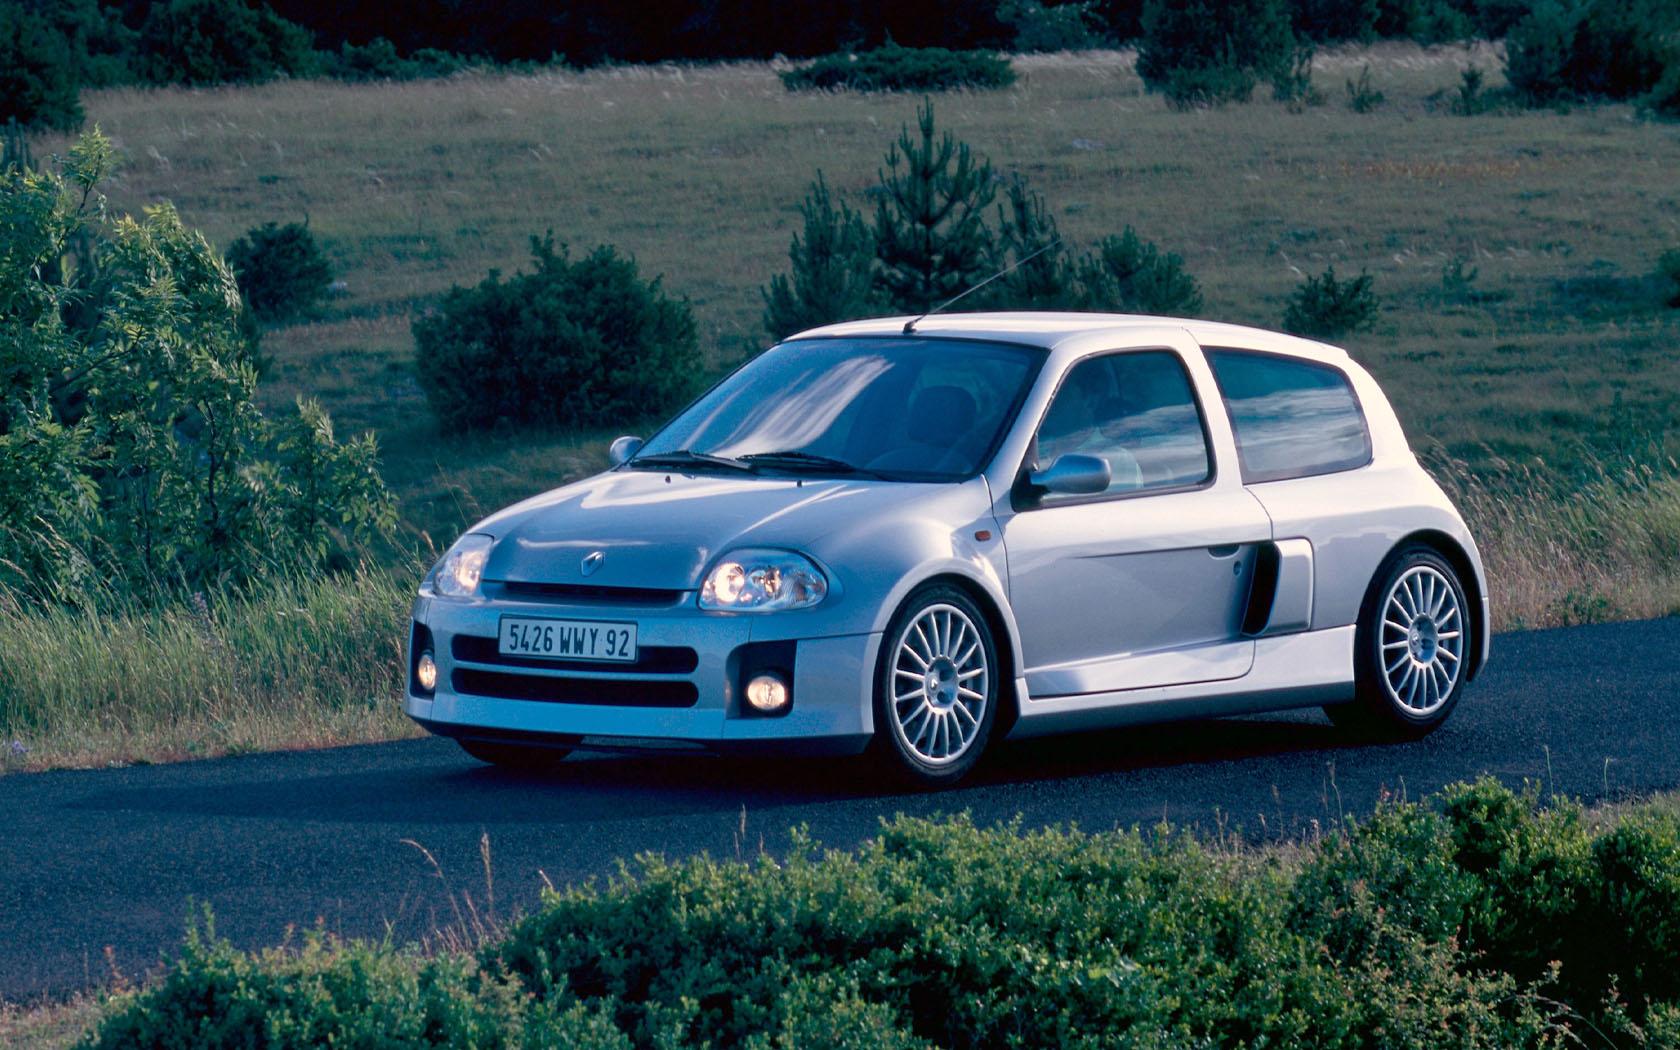 1998 Renault Clio V6